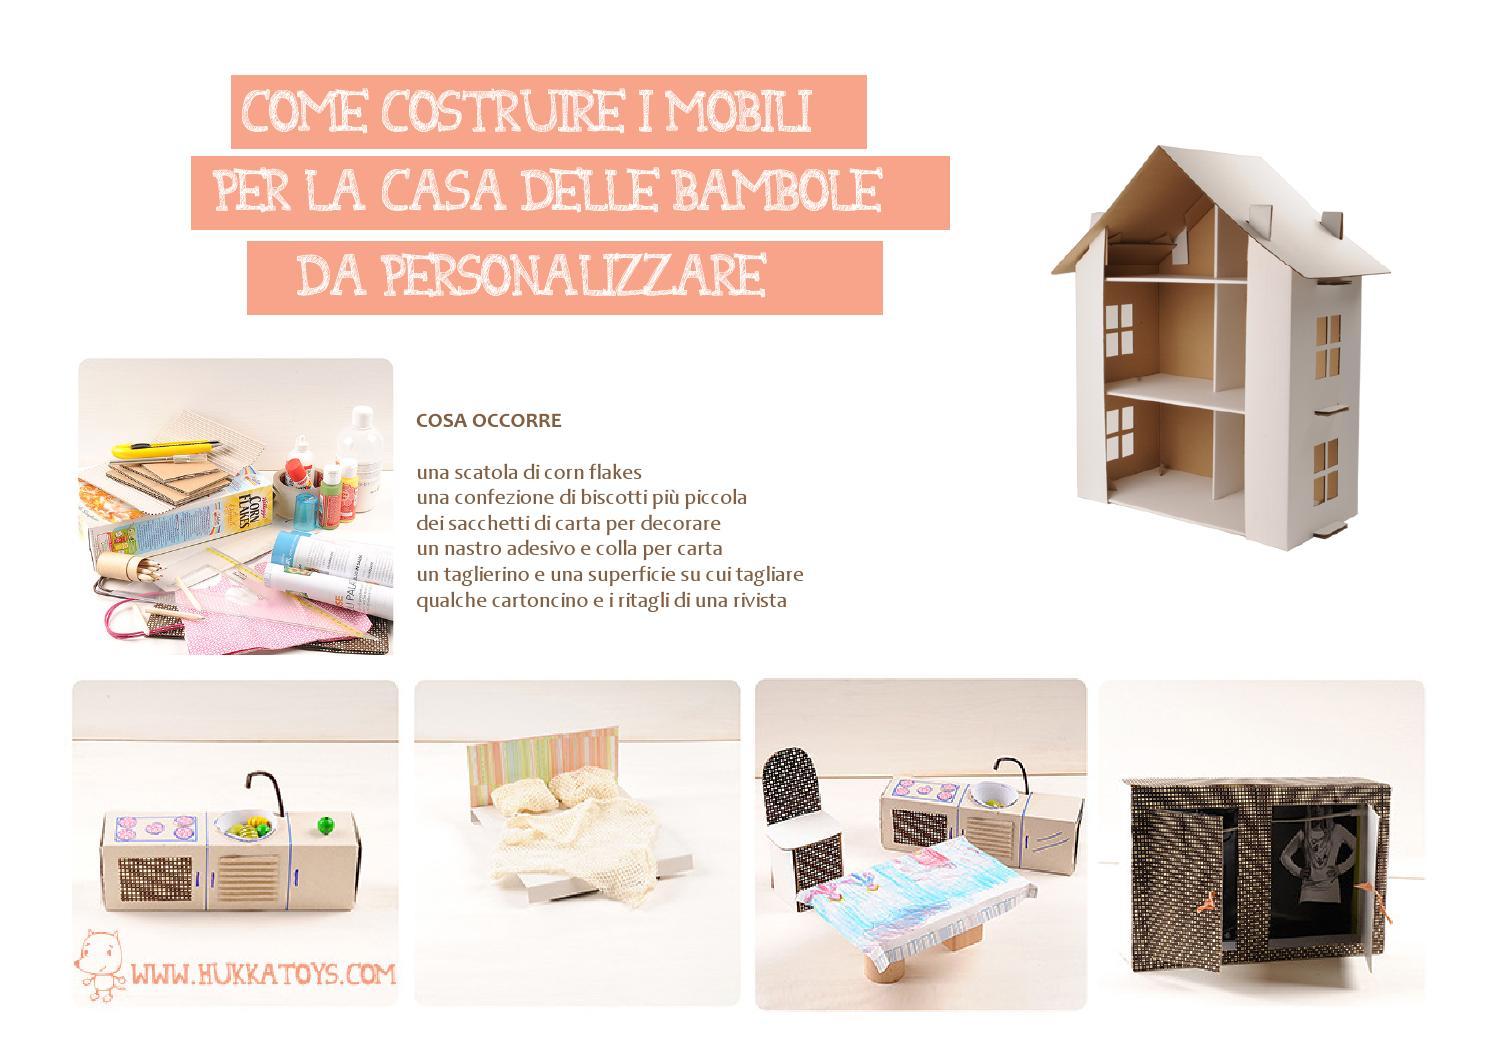 Mobili Per Casa Delle Bambole Fai Da Te : Mobili per casa delle barbie come costruire una casa delle